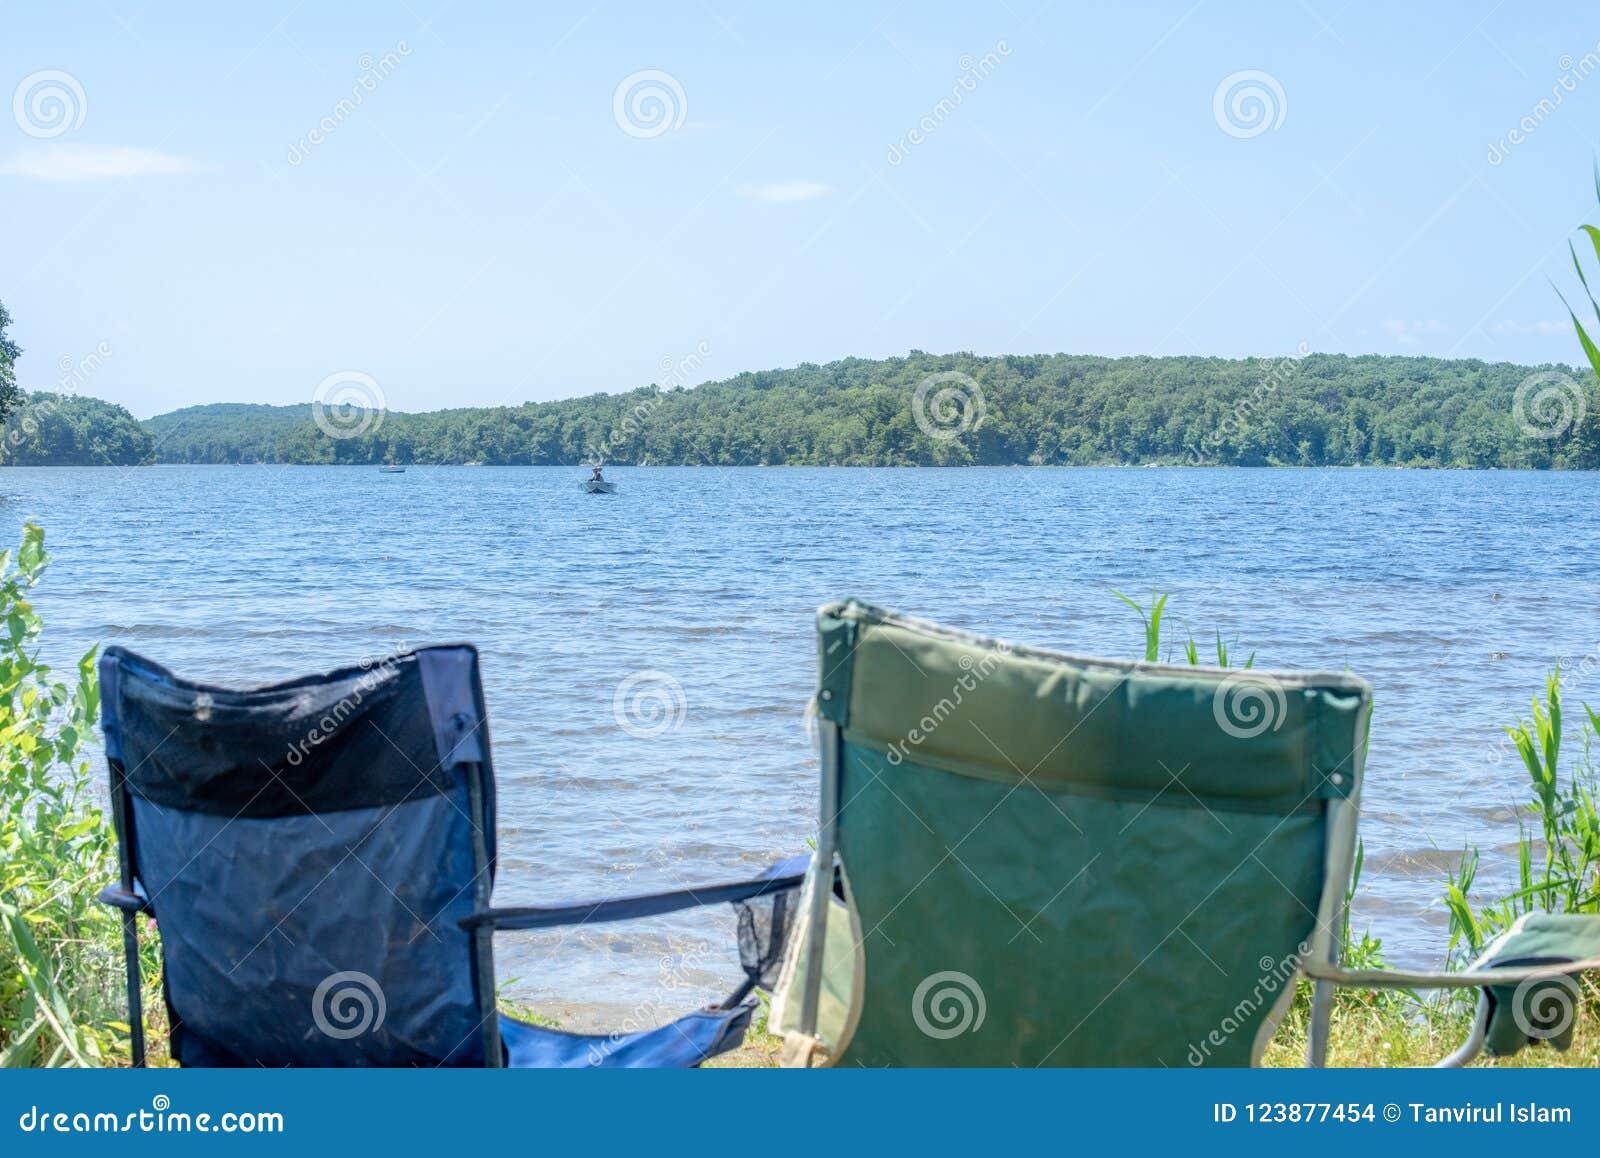 Sedia emty di vacanza dal lato della spiaggia